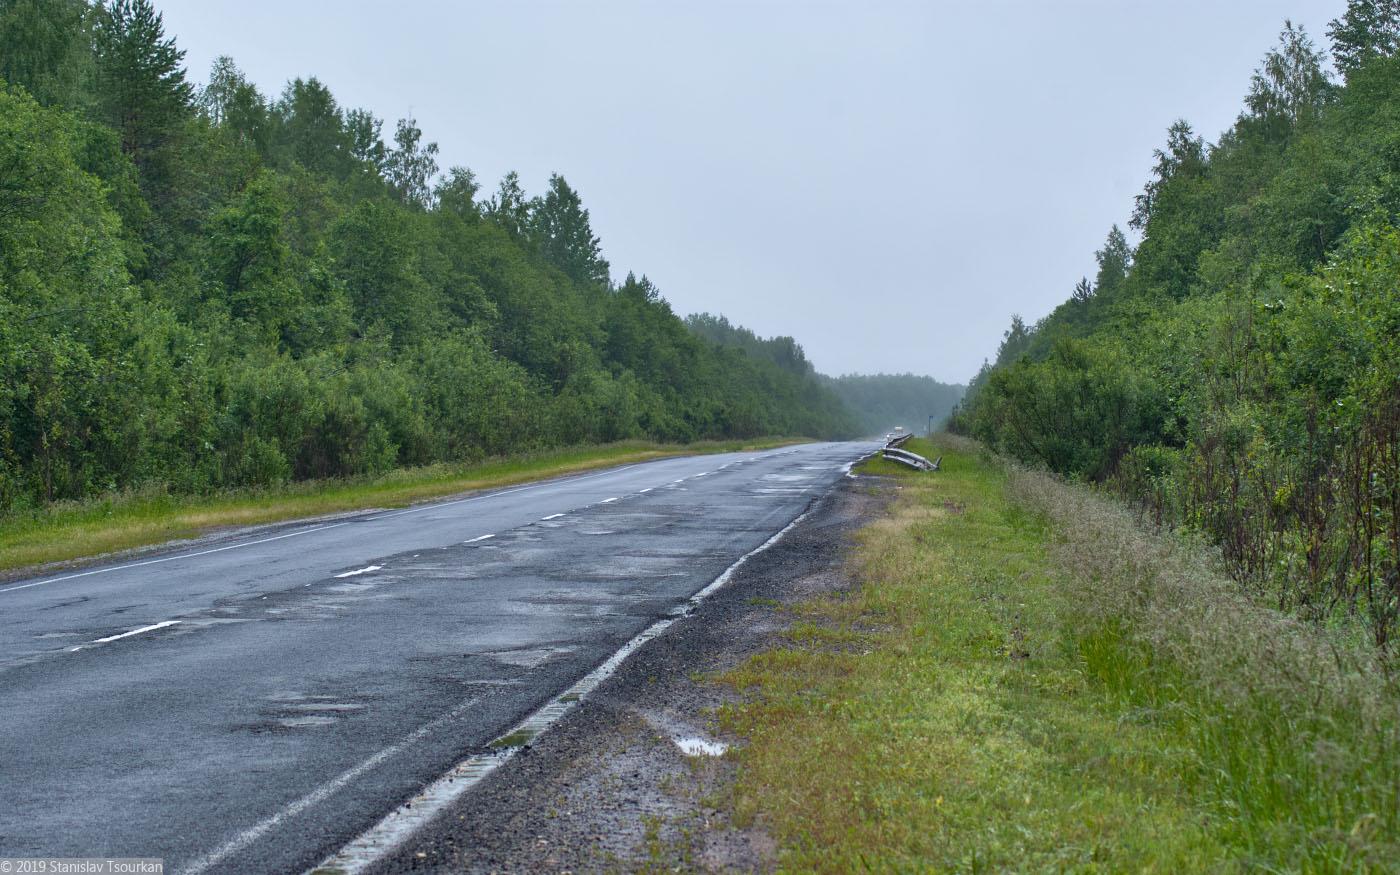 Володгодская область, Вологодчина, Великий устюг, Русский север